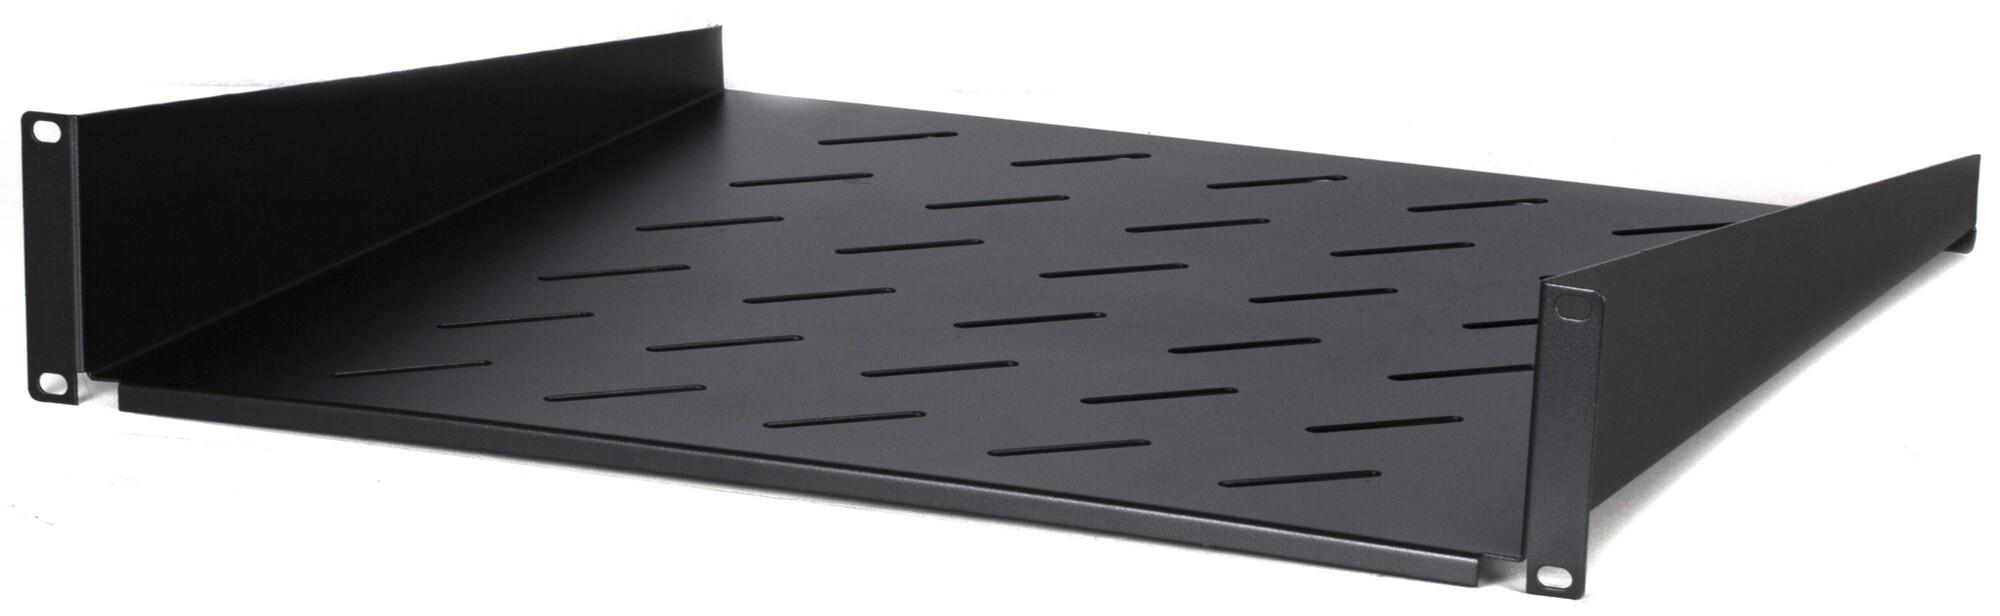 Afbeelding van 2U Legbord voor 600mm diepe wandkasten - 450mm diep (max. 12 kg)